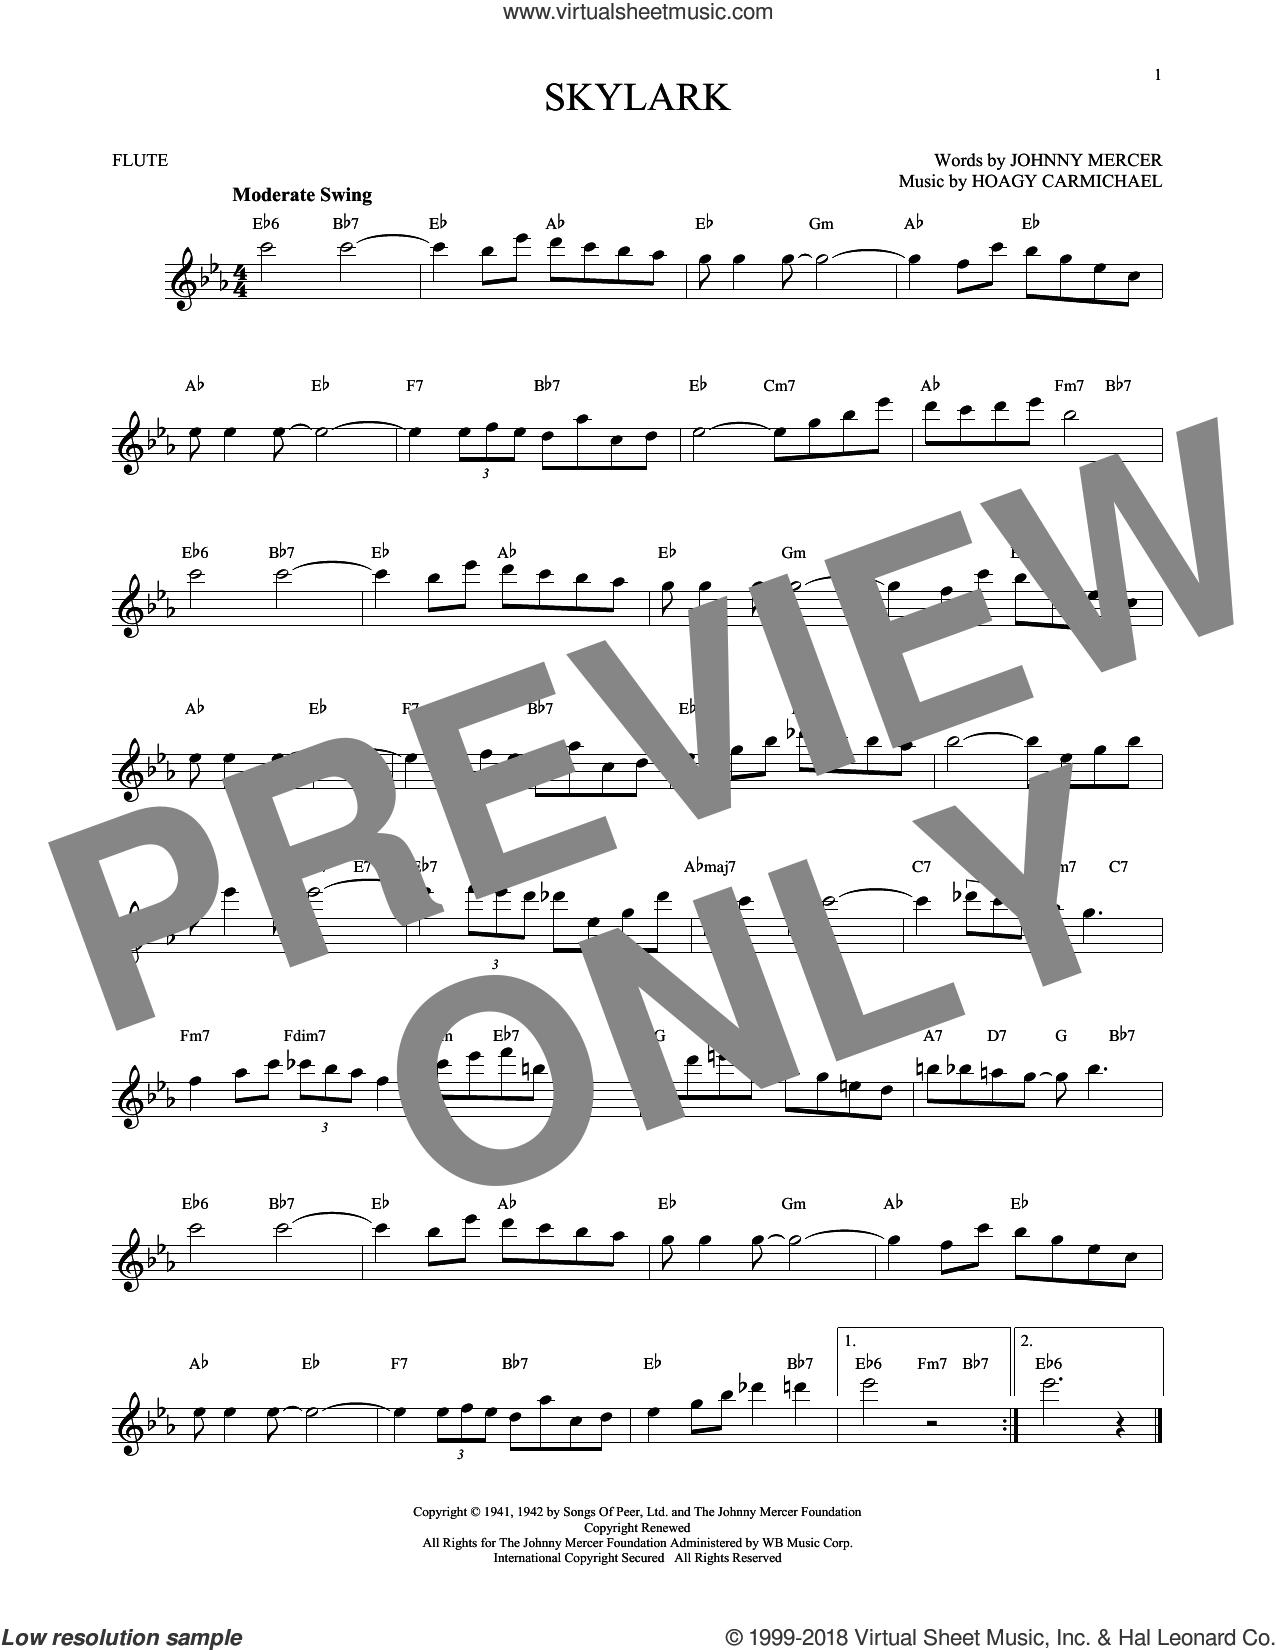 Skylark sheet music for flute solo by Hoagy Carmichael and Johnny Mercer, intermediate skill level